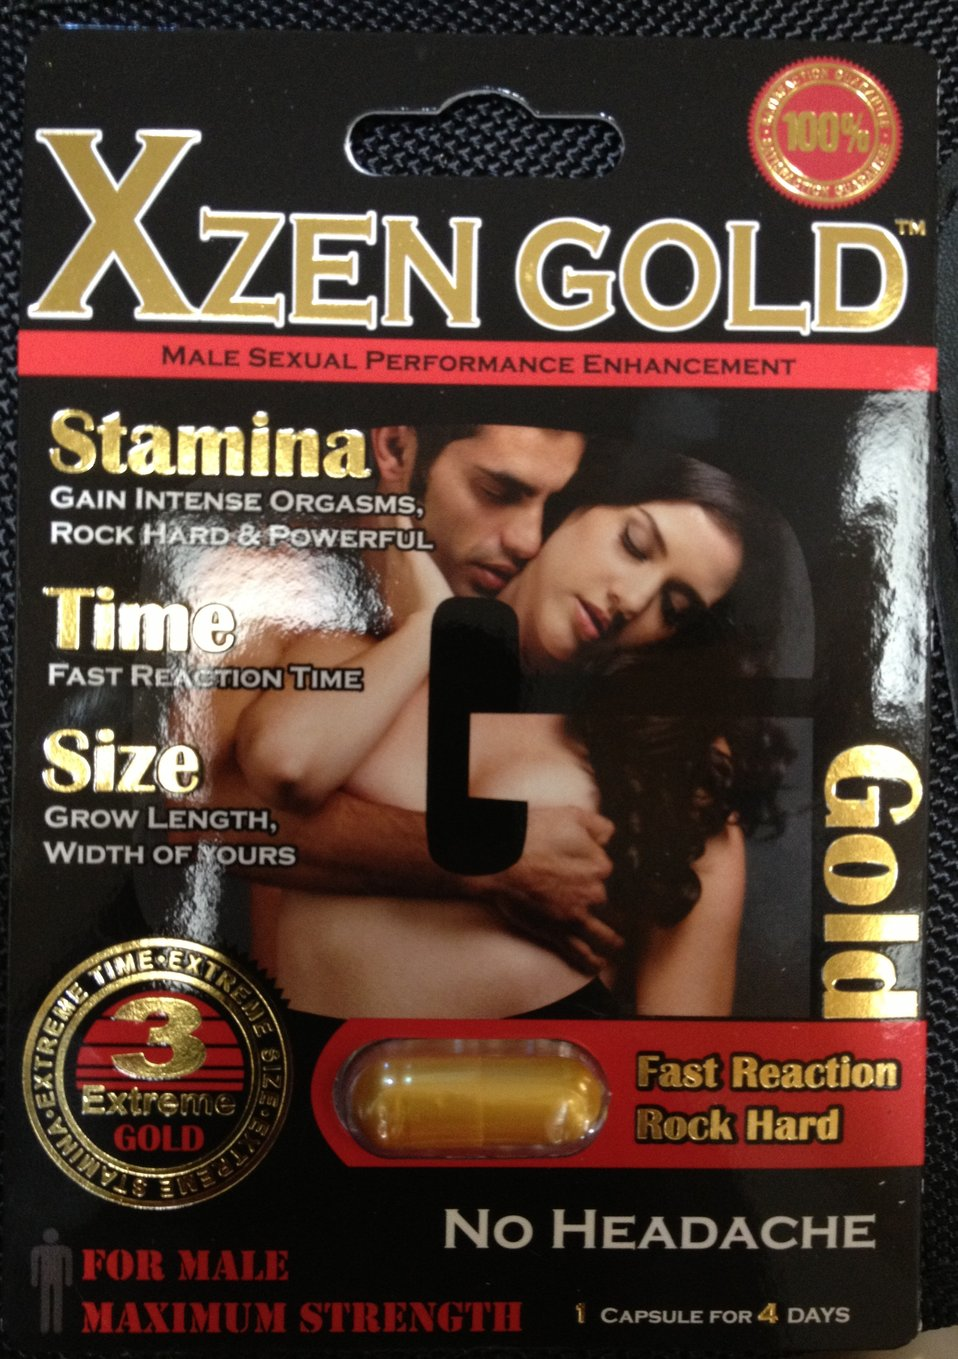 Xzen Gold